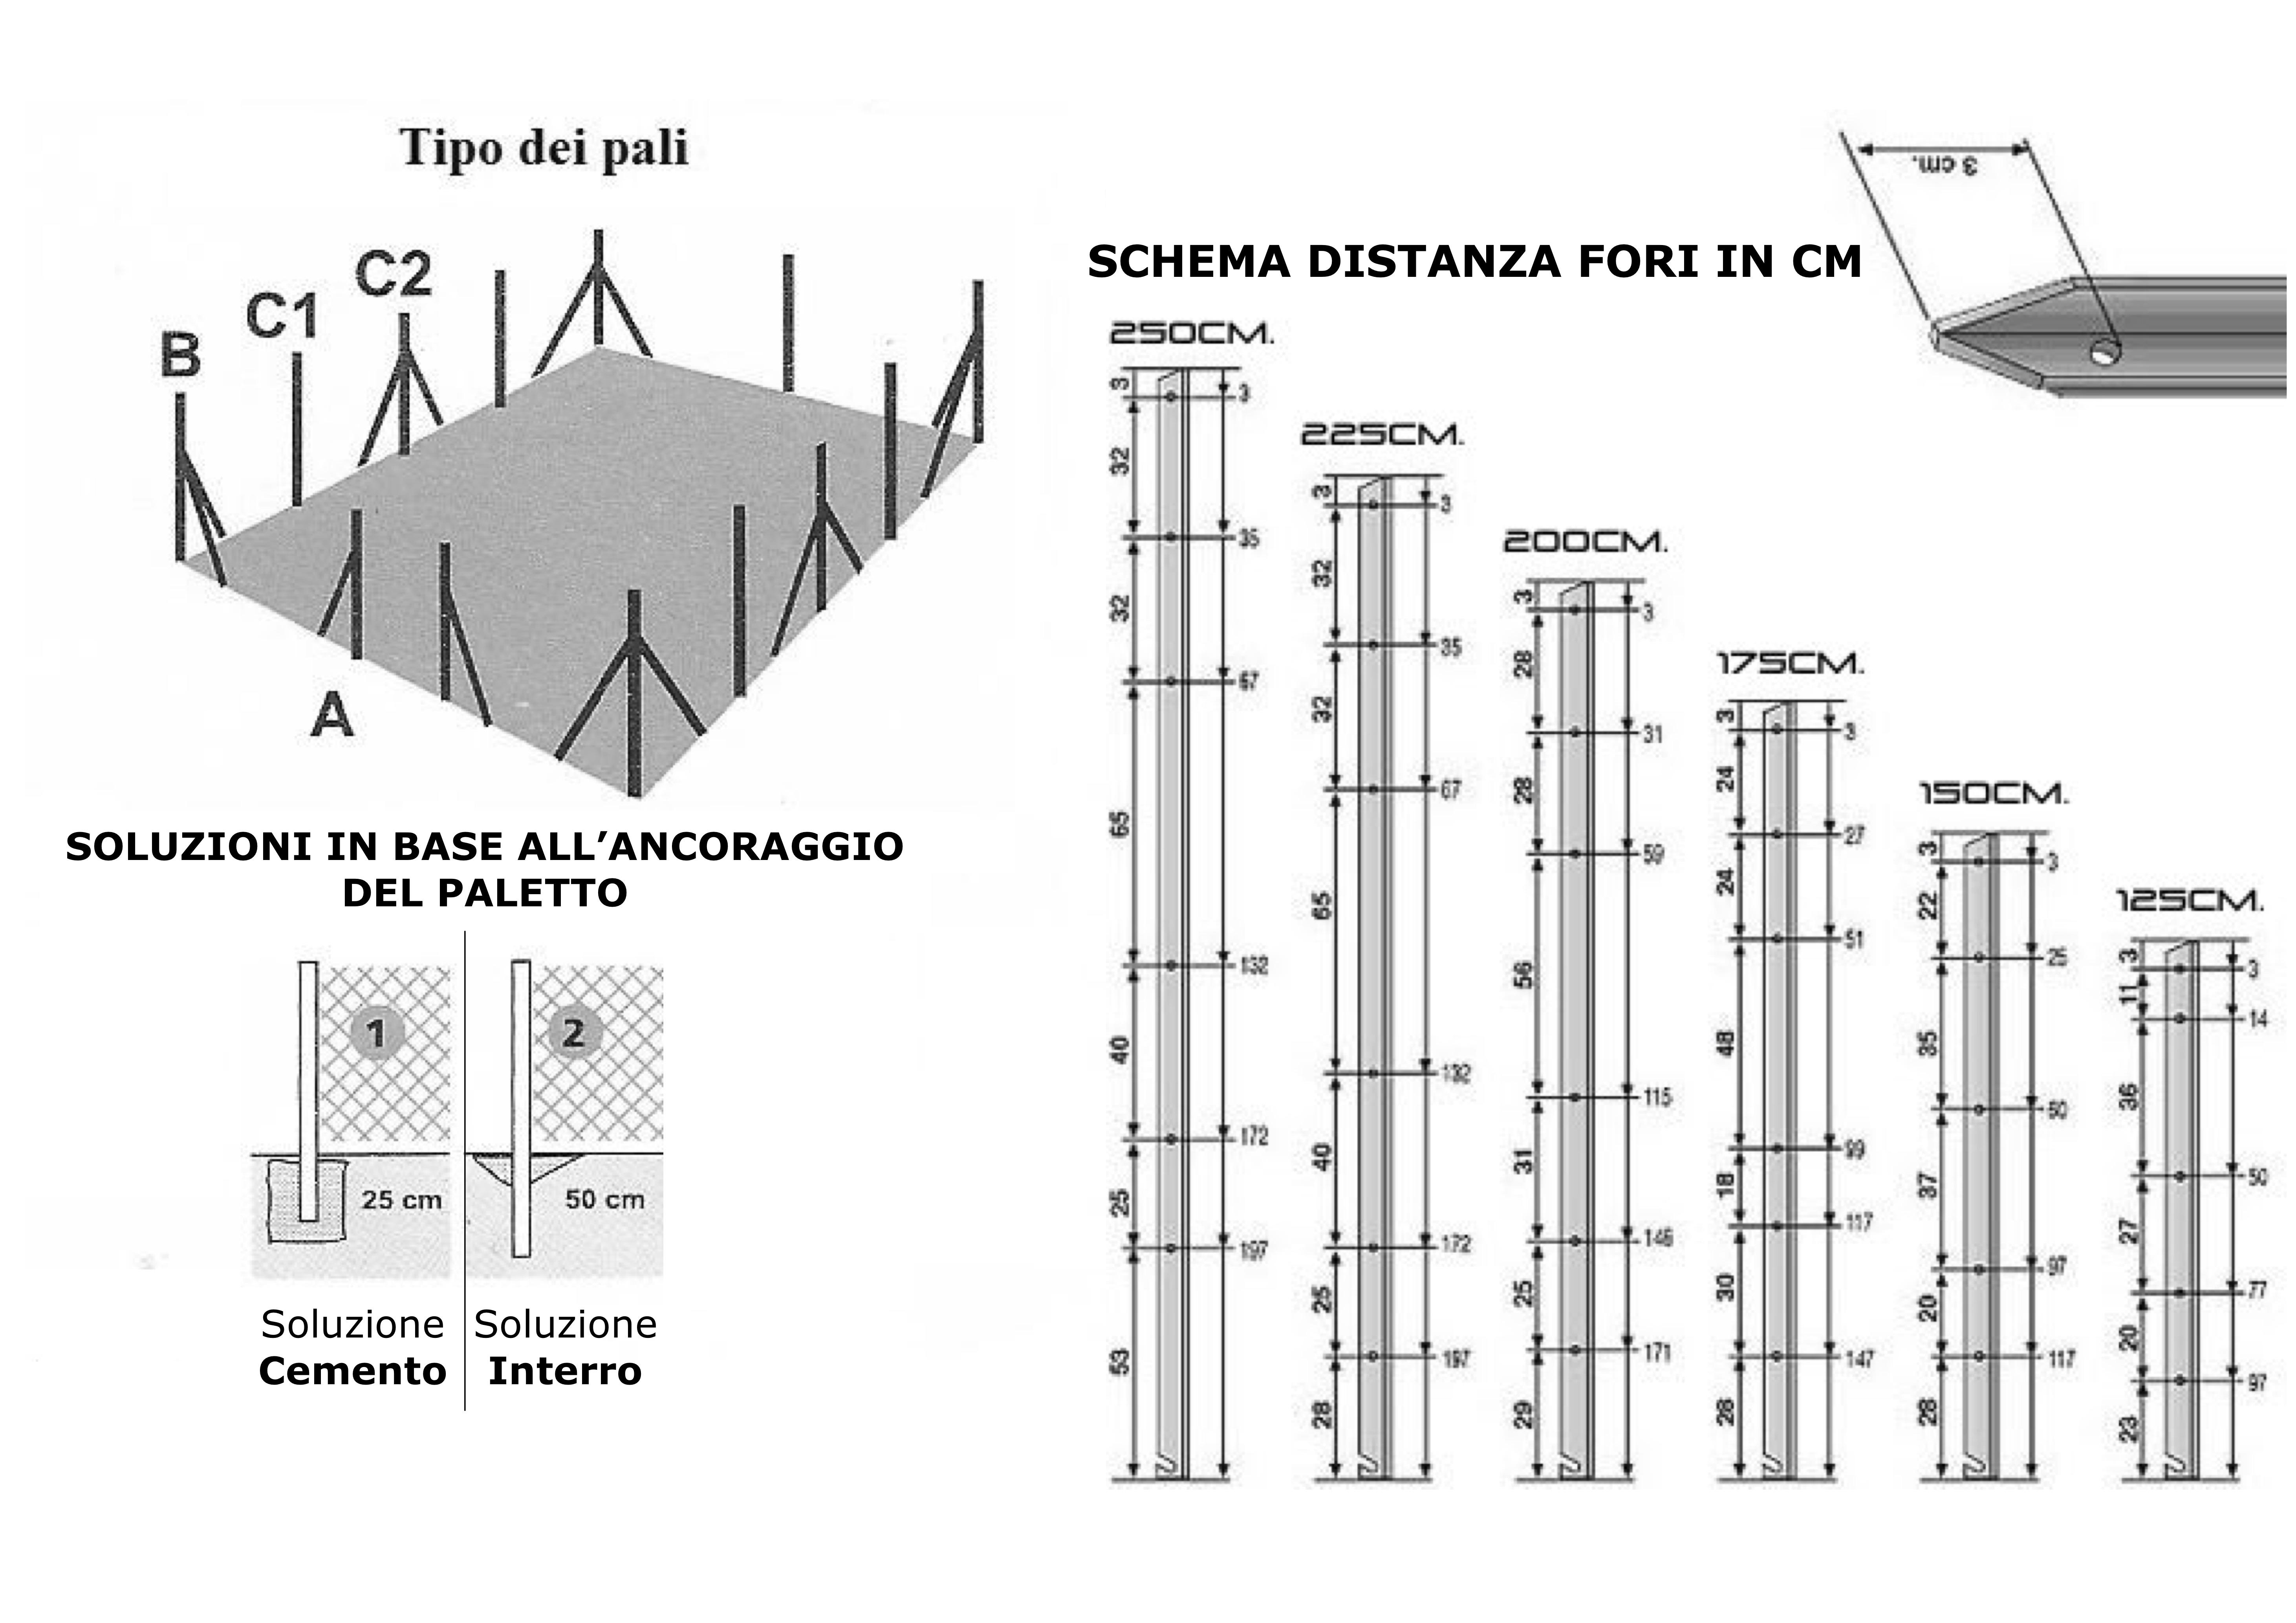 informazioni sui pali plastificati